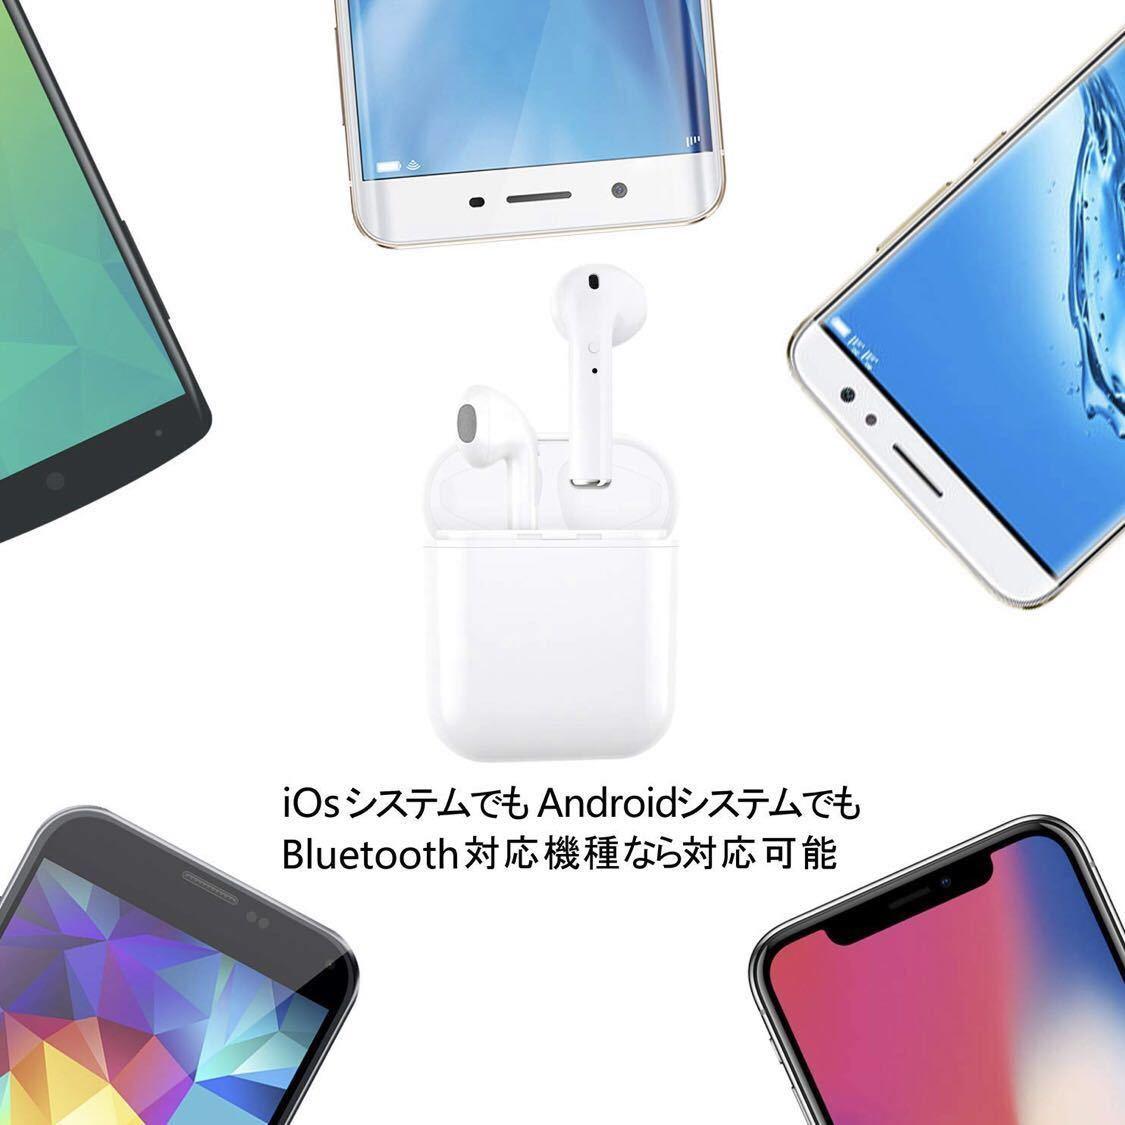 1円出品!【最新 Bluetooth5.0】ワイヤレスイヤホン ブルートゥース高音質 自動で接続ペアリング両耳通話 5時間連続音楽再生可能_画像5